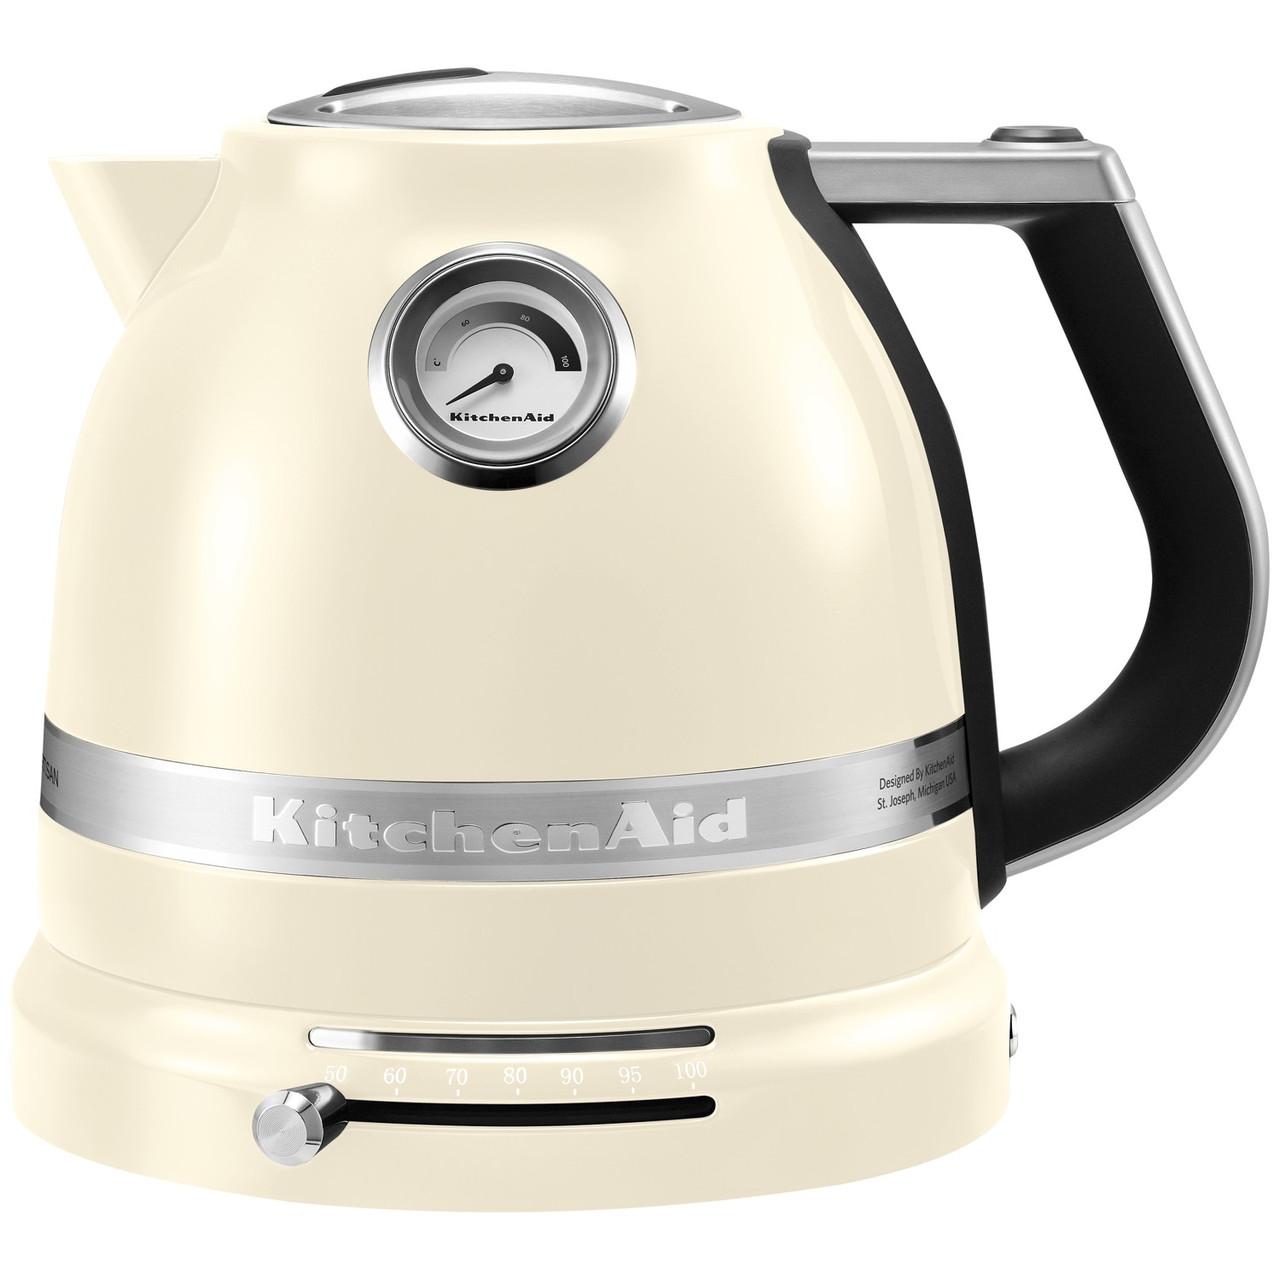 Электрический чайник КitchenАid 1.5 л кремовый 5KEK1522EAC